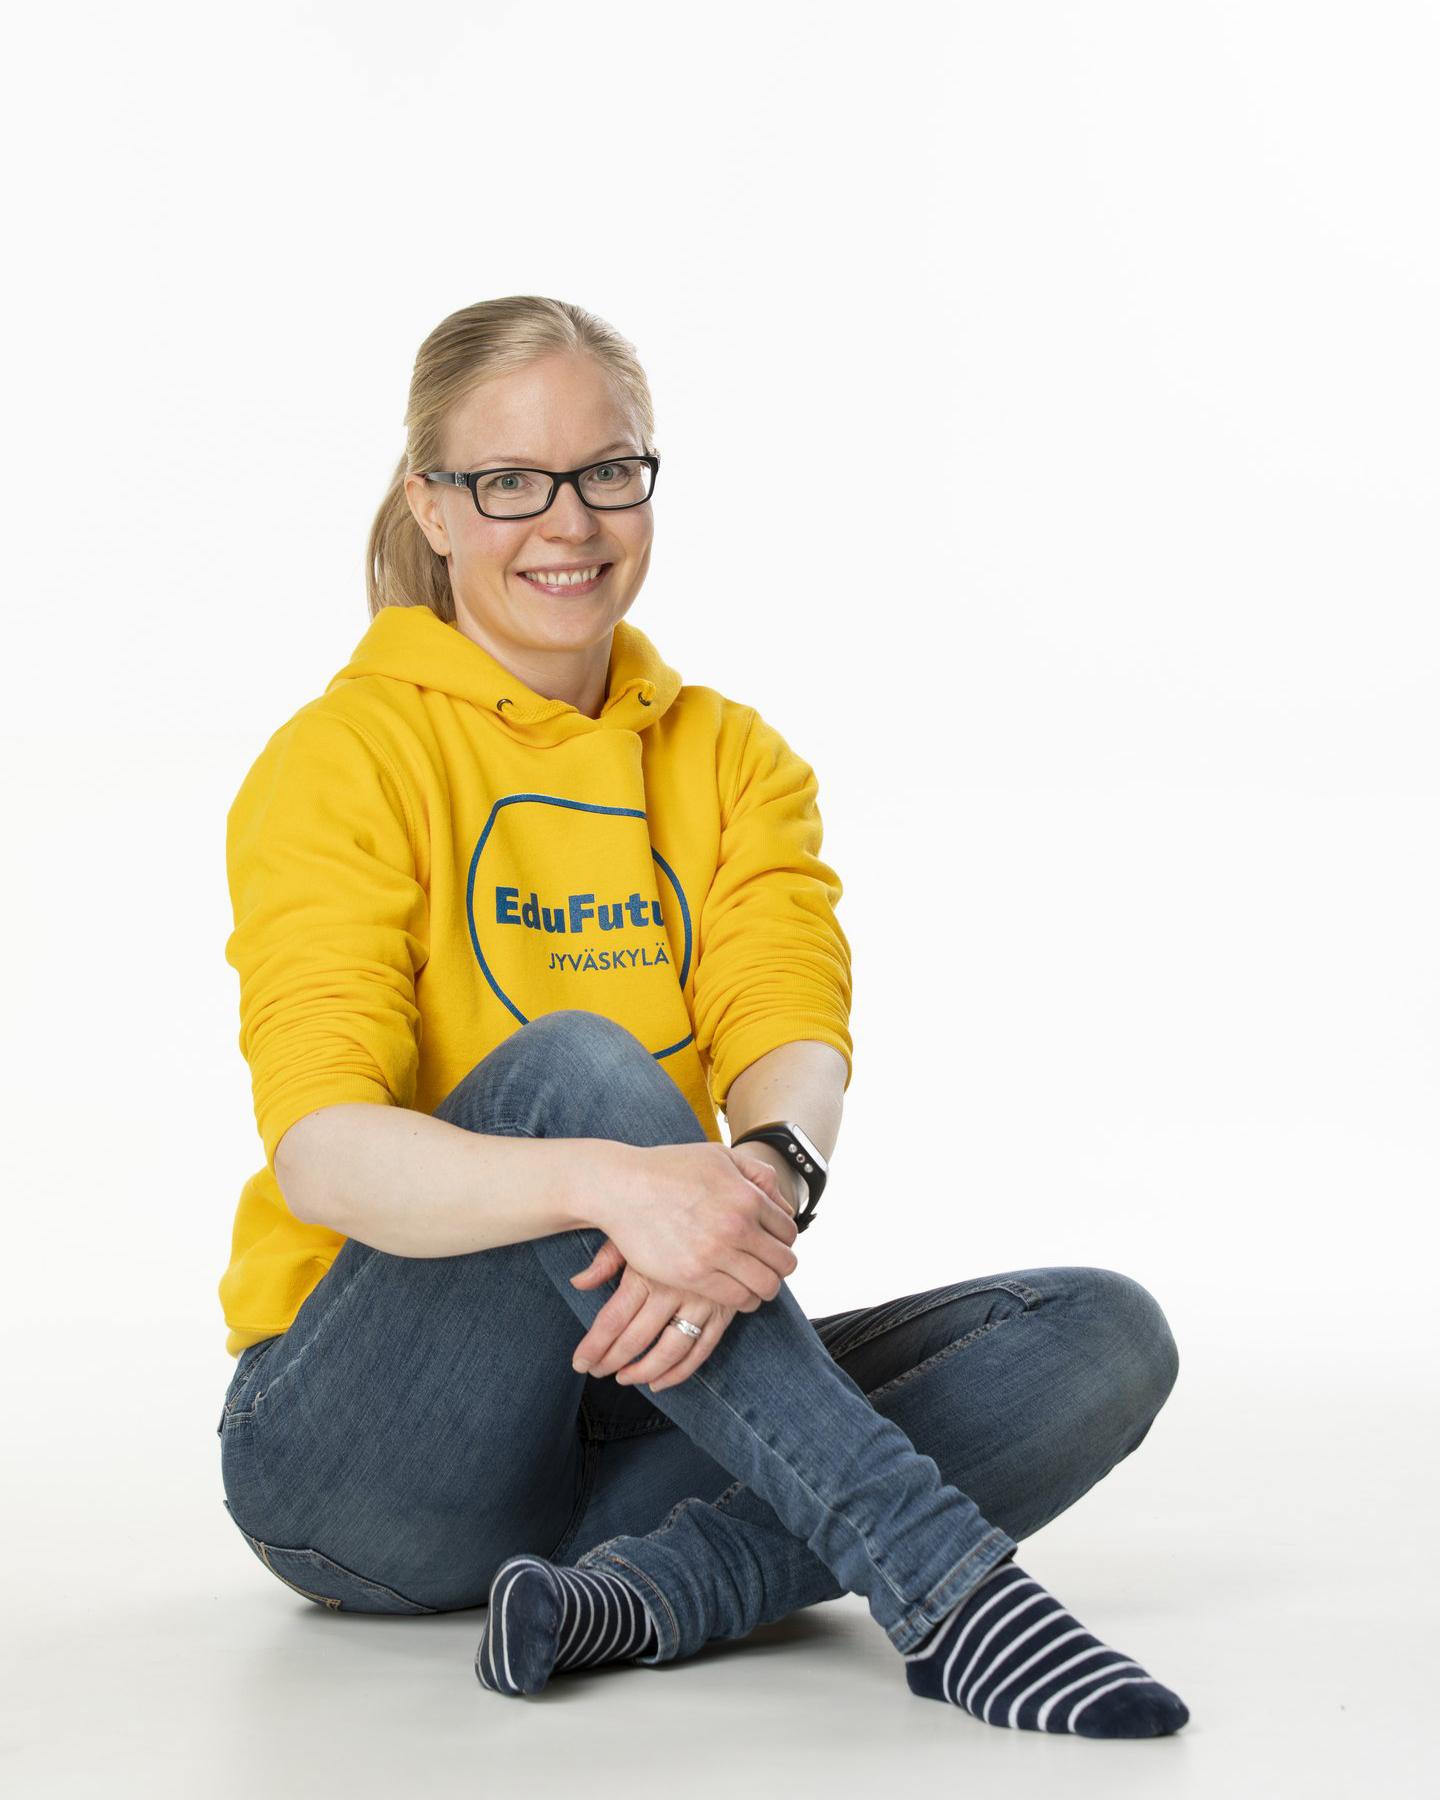 Ruusuvirta-Uuksulainen Outi_EduFutura Jyväskylä_verkkosivut 1.jpg